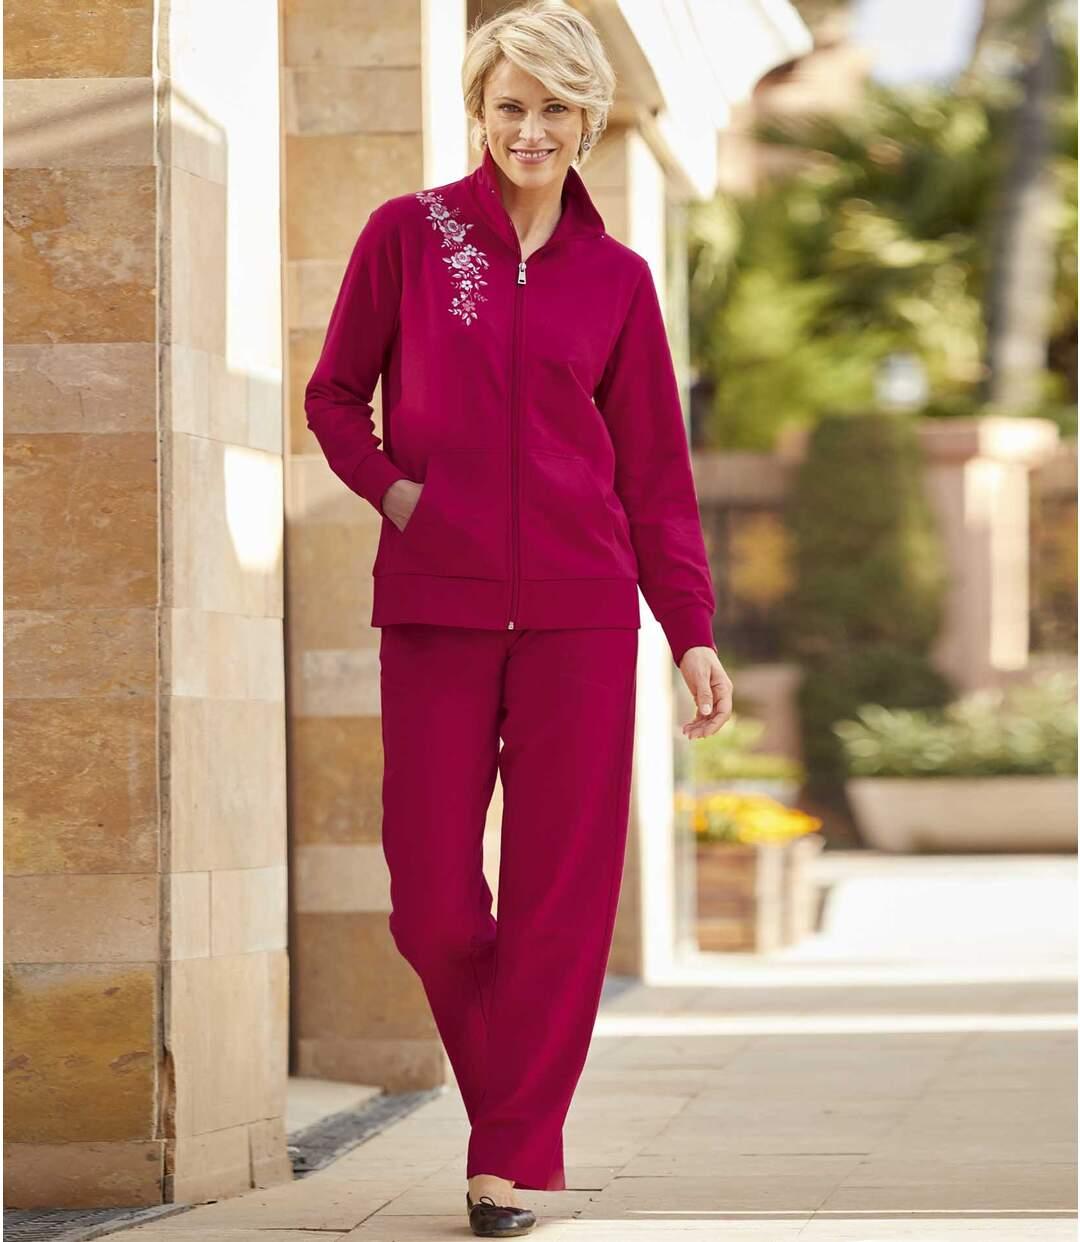 Women's Fleece Loungewear Set - Bright Pink